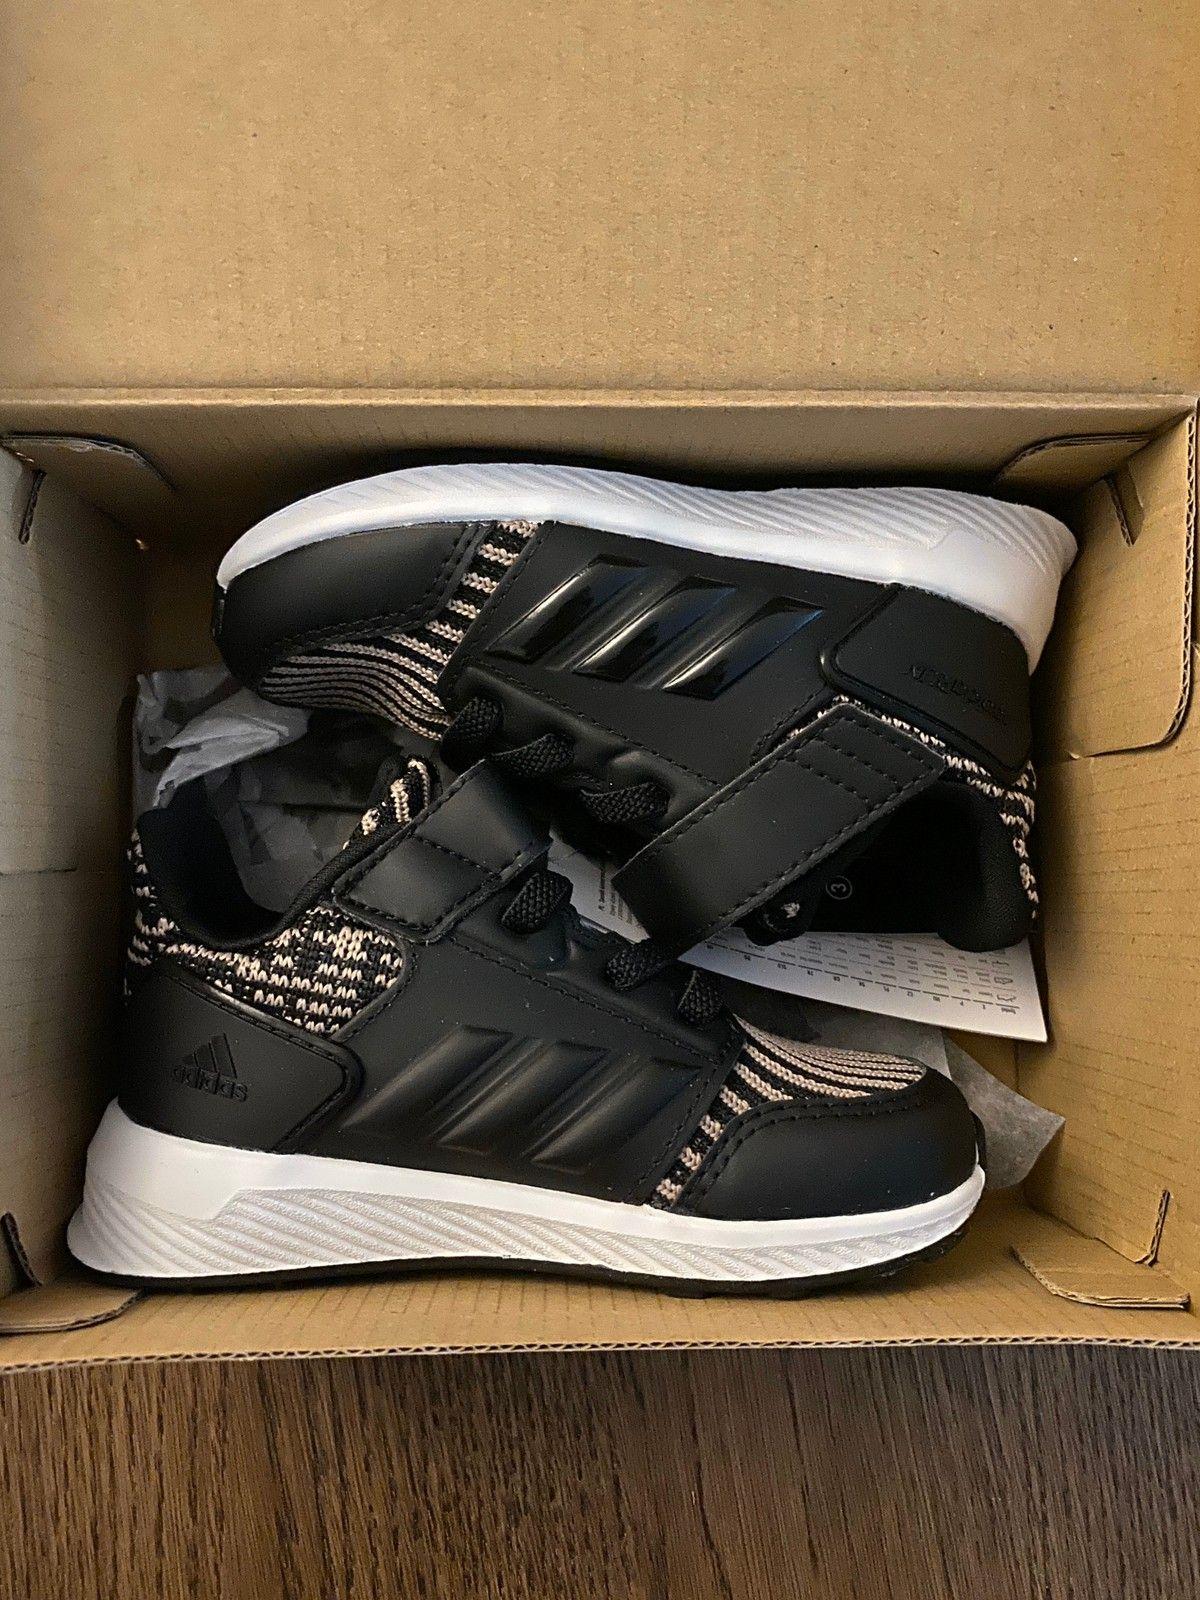 Helt nye og ubrukte joggesko fra Adidas str 21 | FINN.no